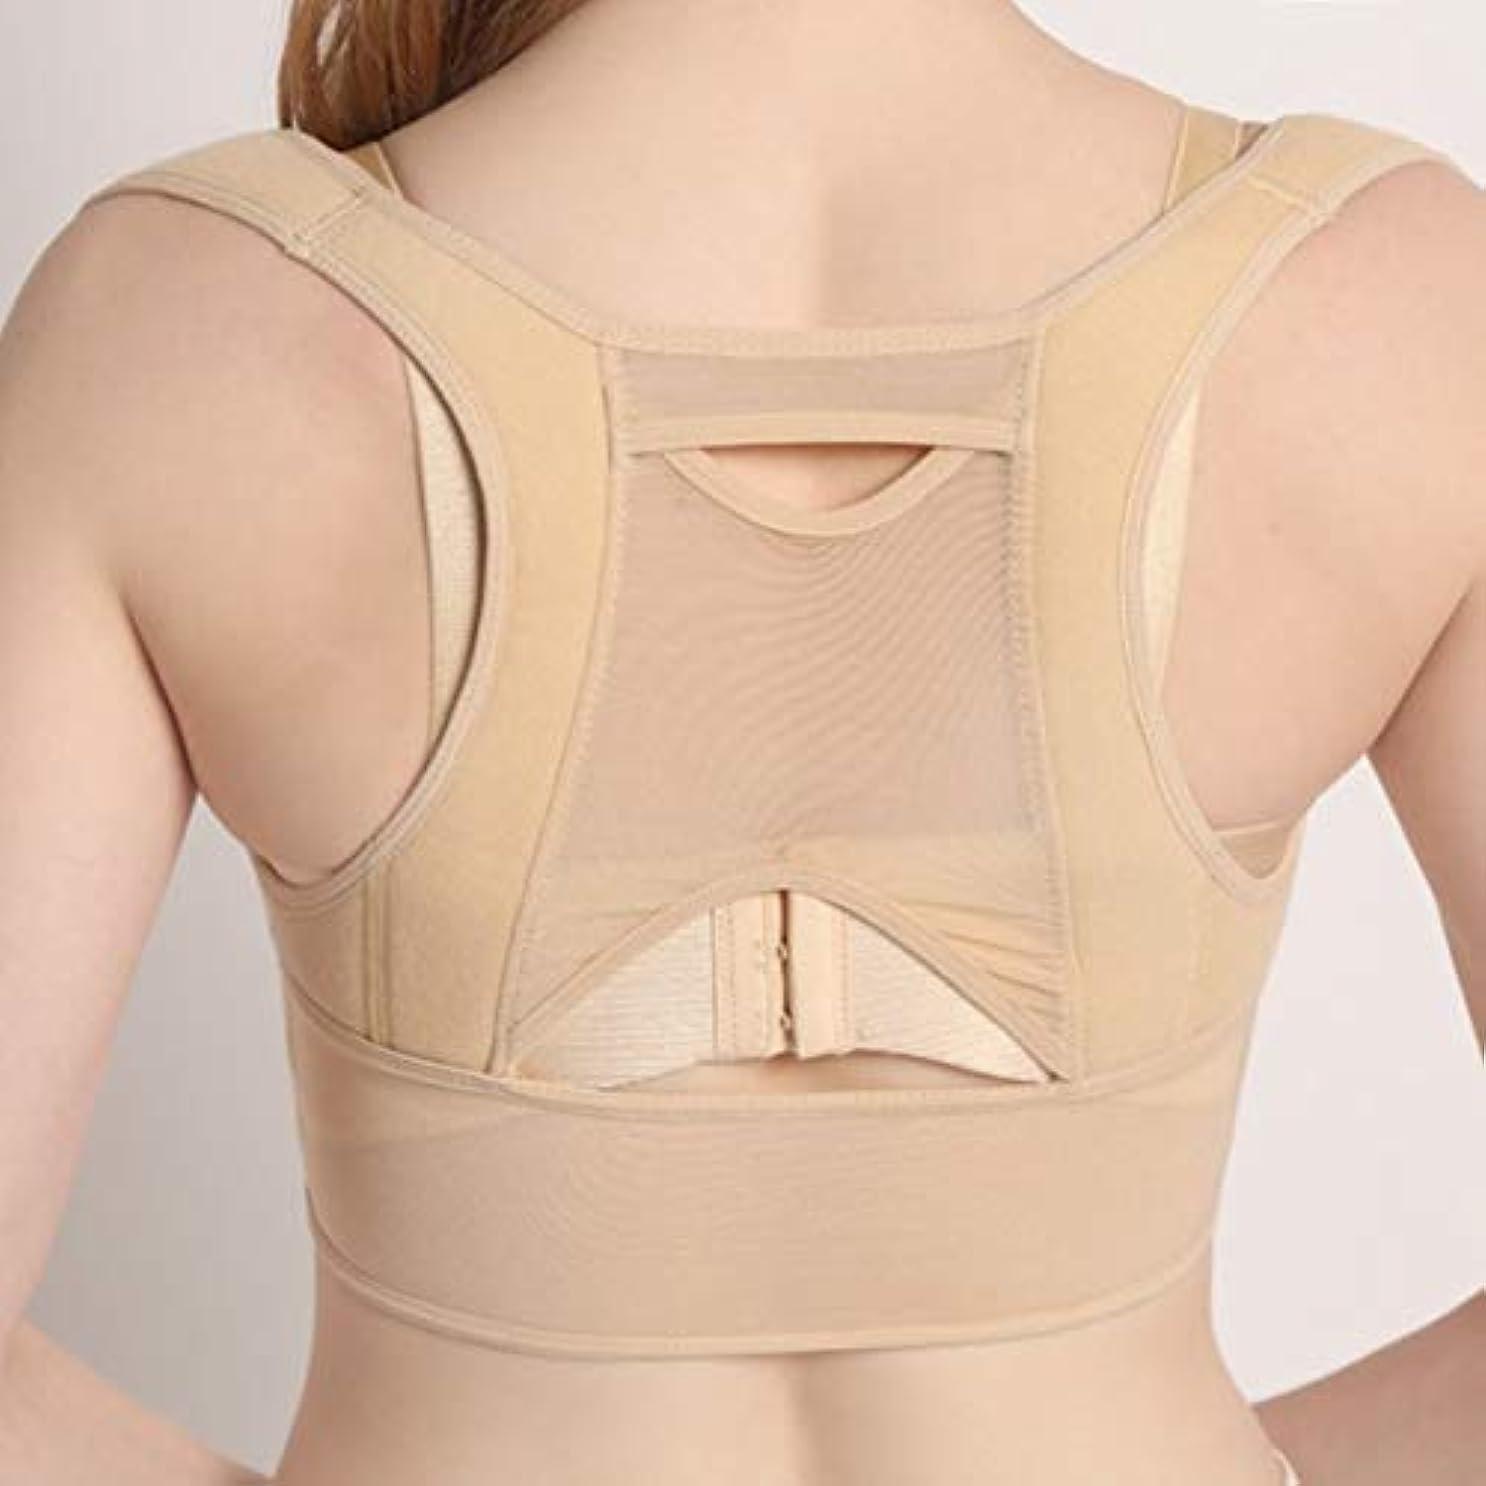 改修クリープに対応する通気性のある女性の背中の姿勢矯正コルセット整形外科の背中の肩の背骨の姿勢矯正腰椎サポート - ベージュホワイトL